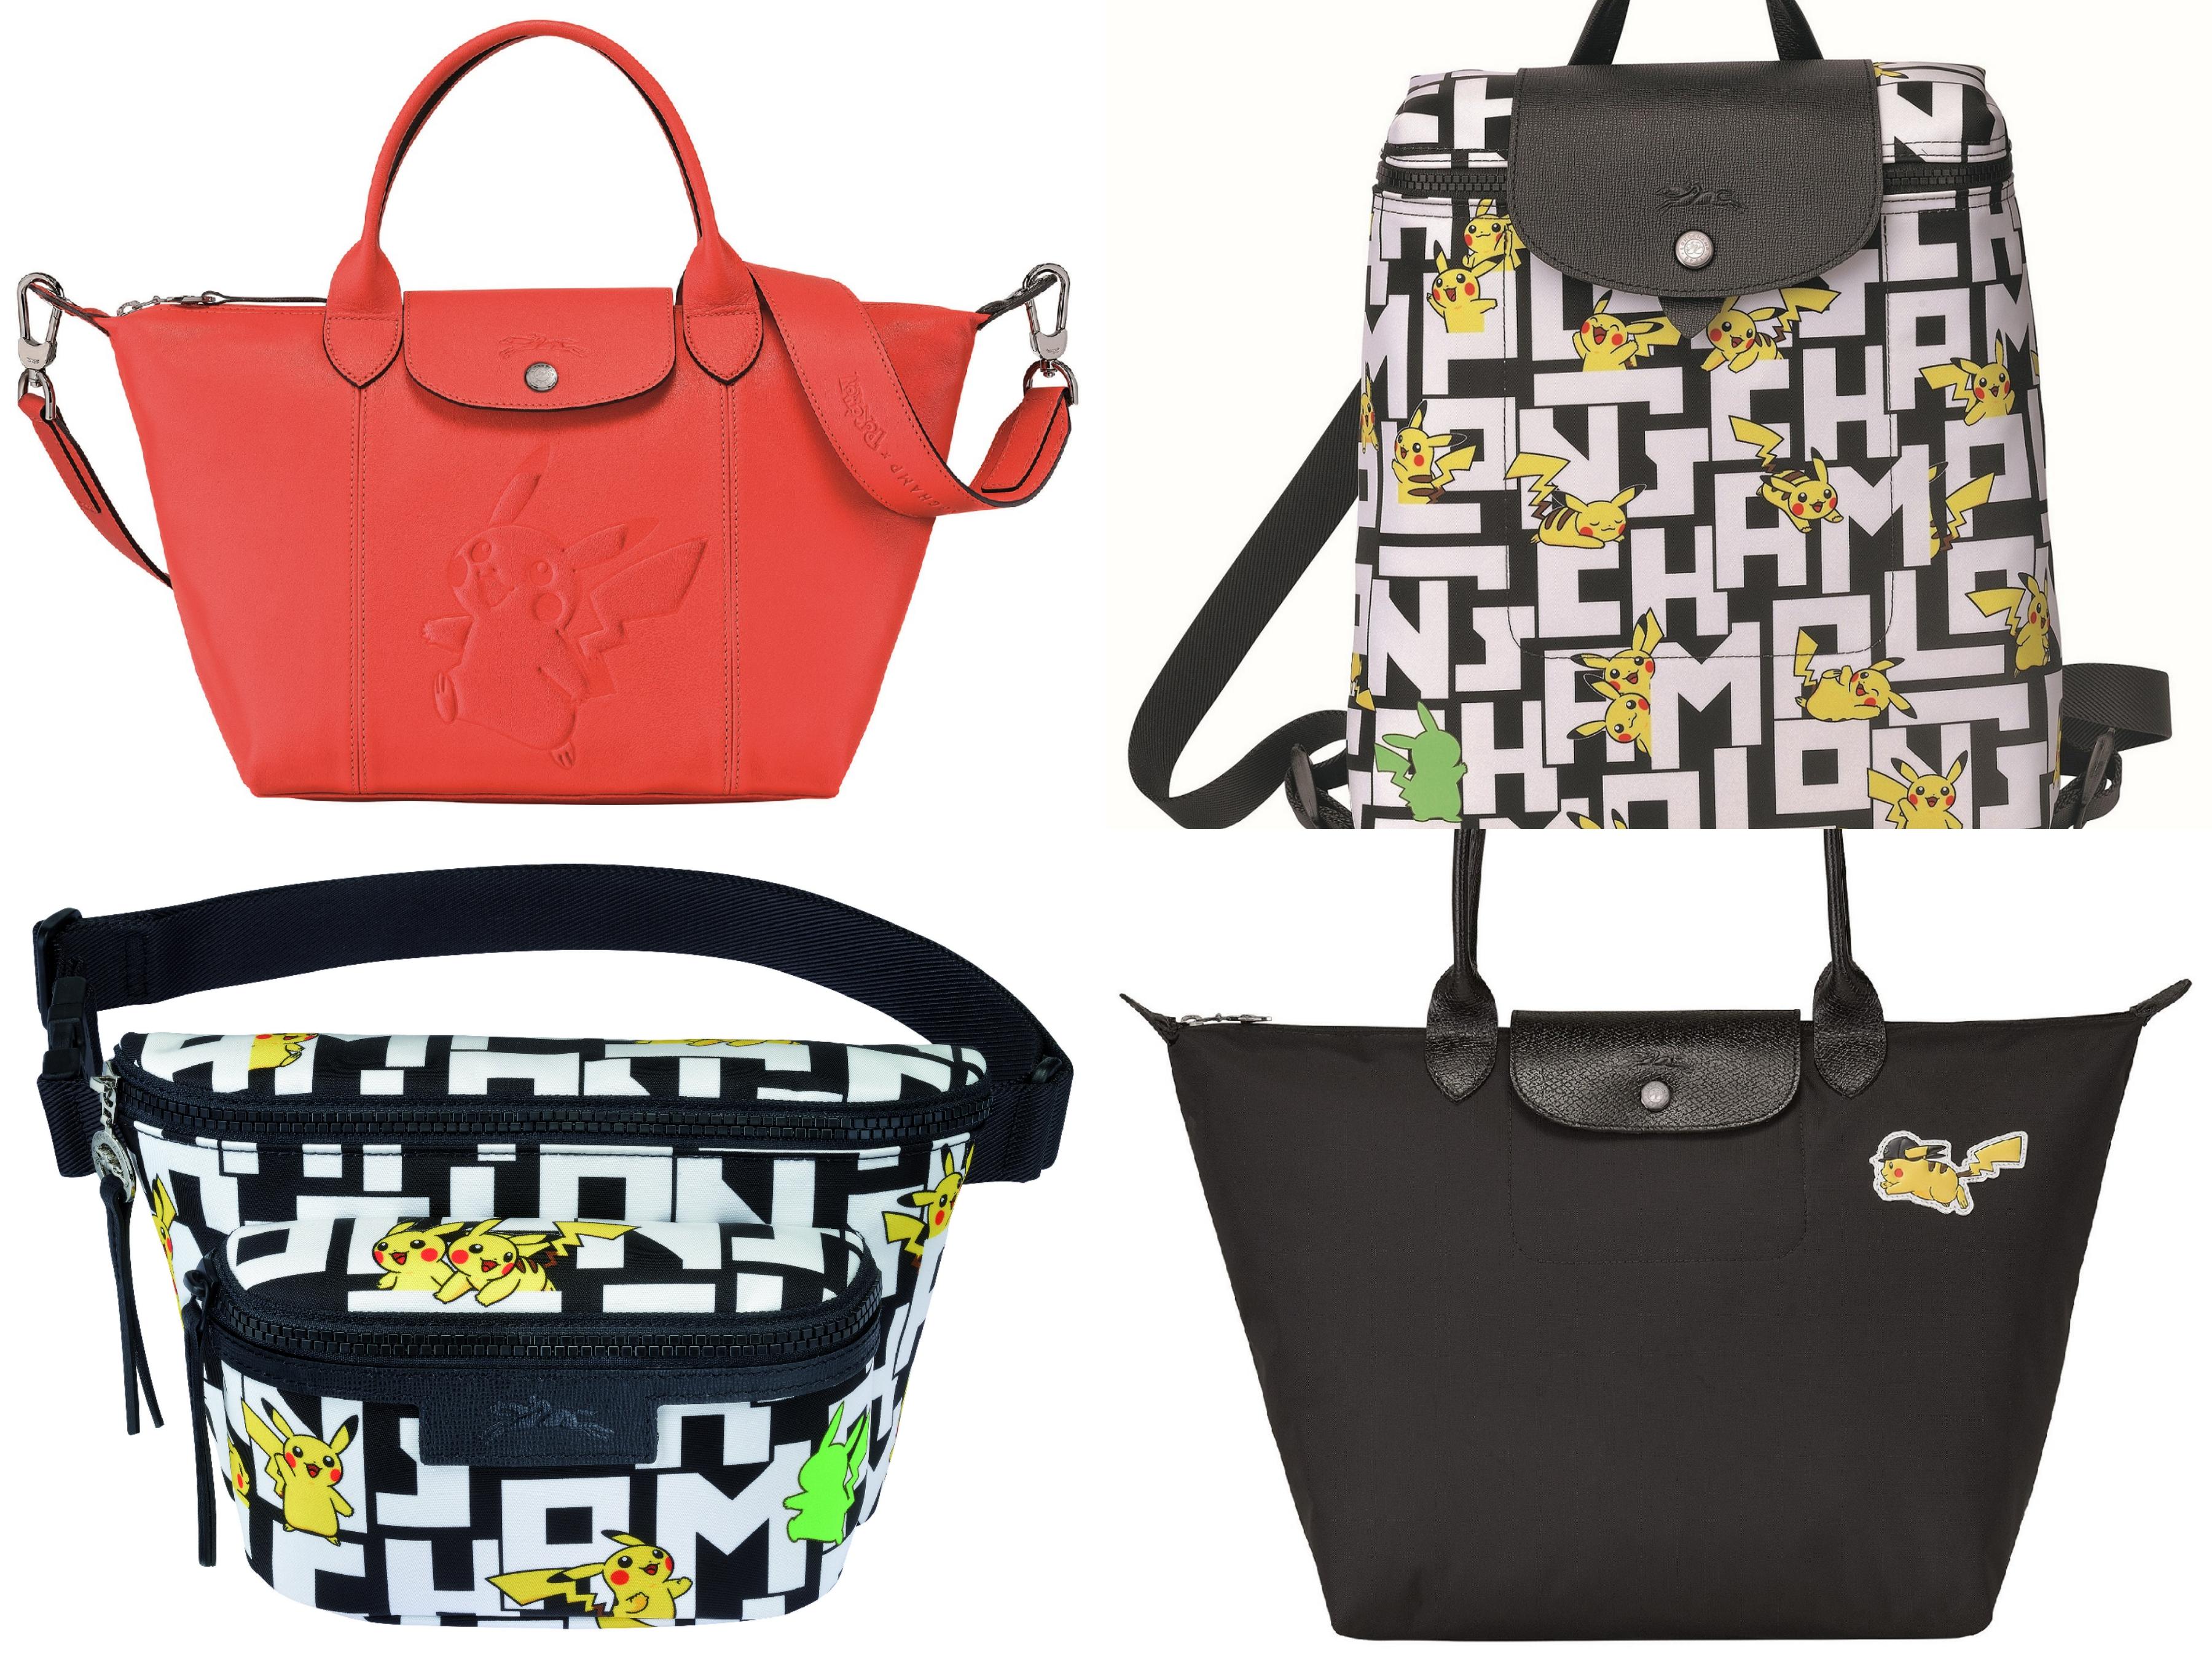 本系列包款於台灣共推出三種版本,除了LGP印花帆布款及素面皮革壓印款式外,還特別設計飾有戴上馬術騎士帽的皮卡丘包款